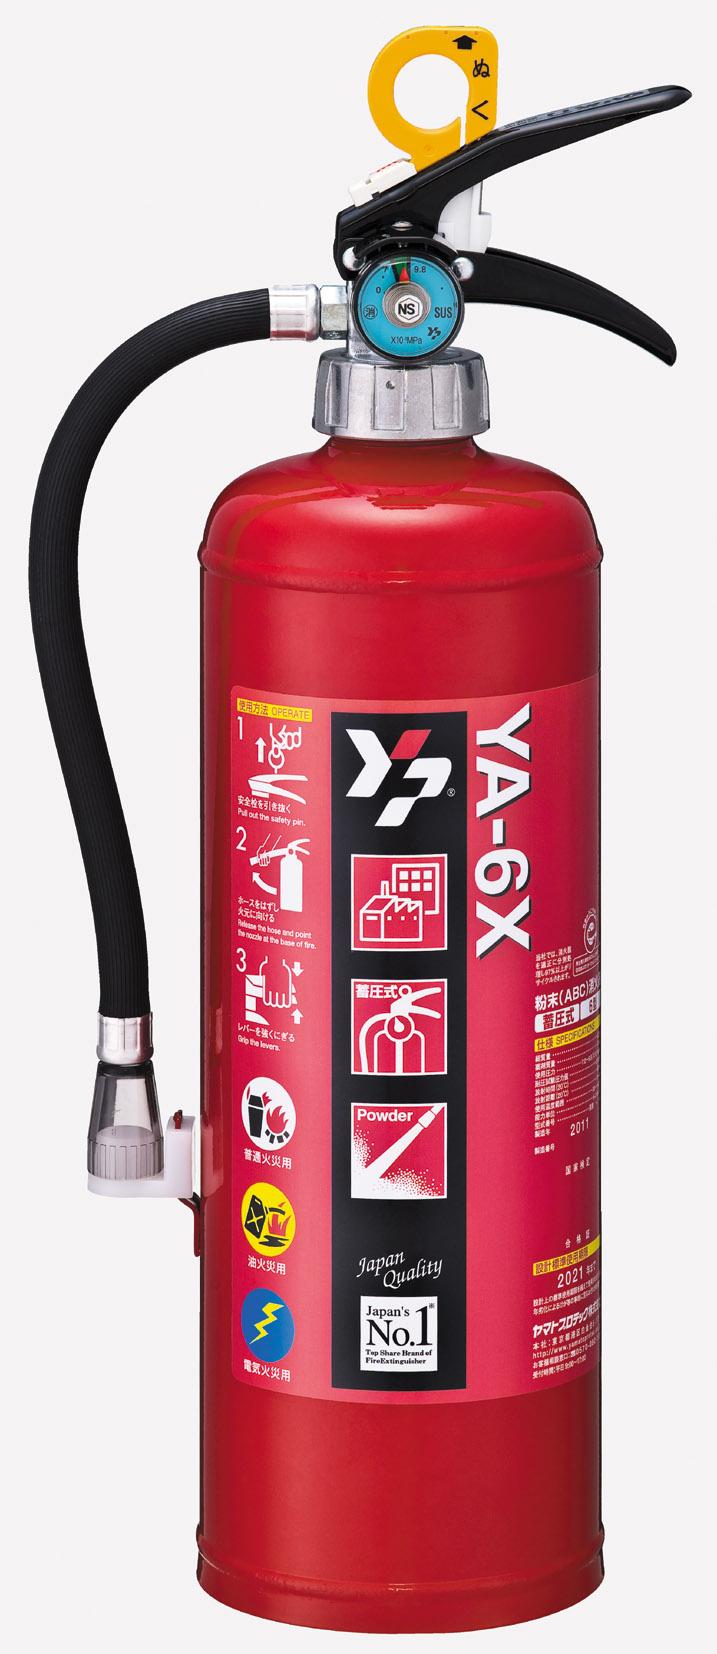 粉末(ABC)蓄圧式消火器 YA-6X